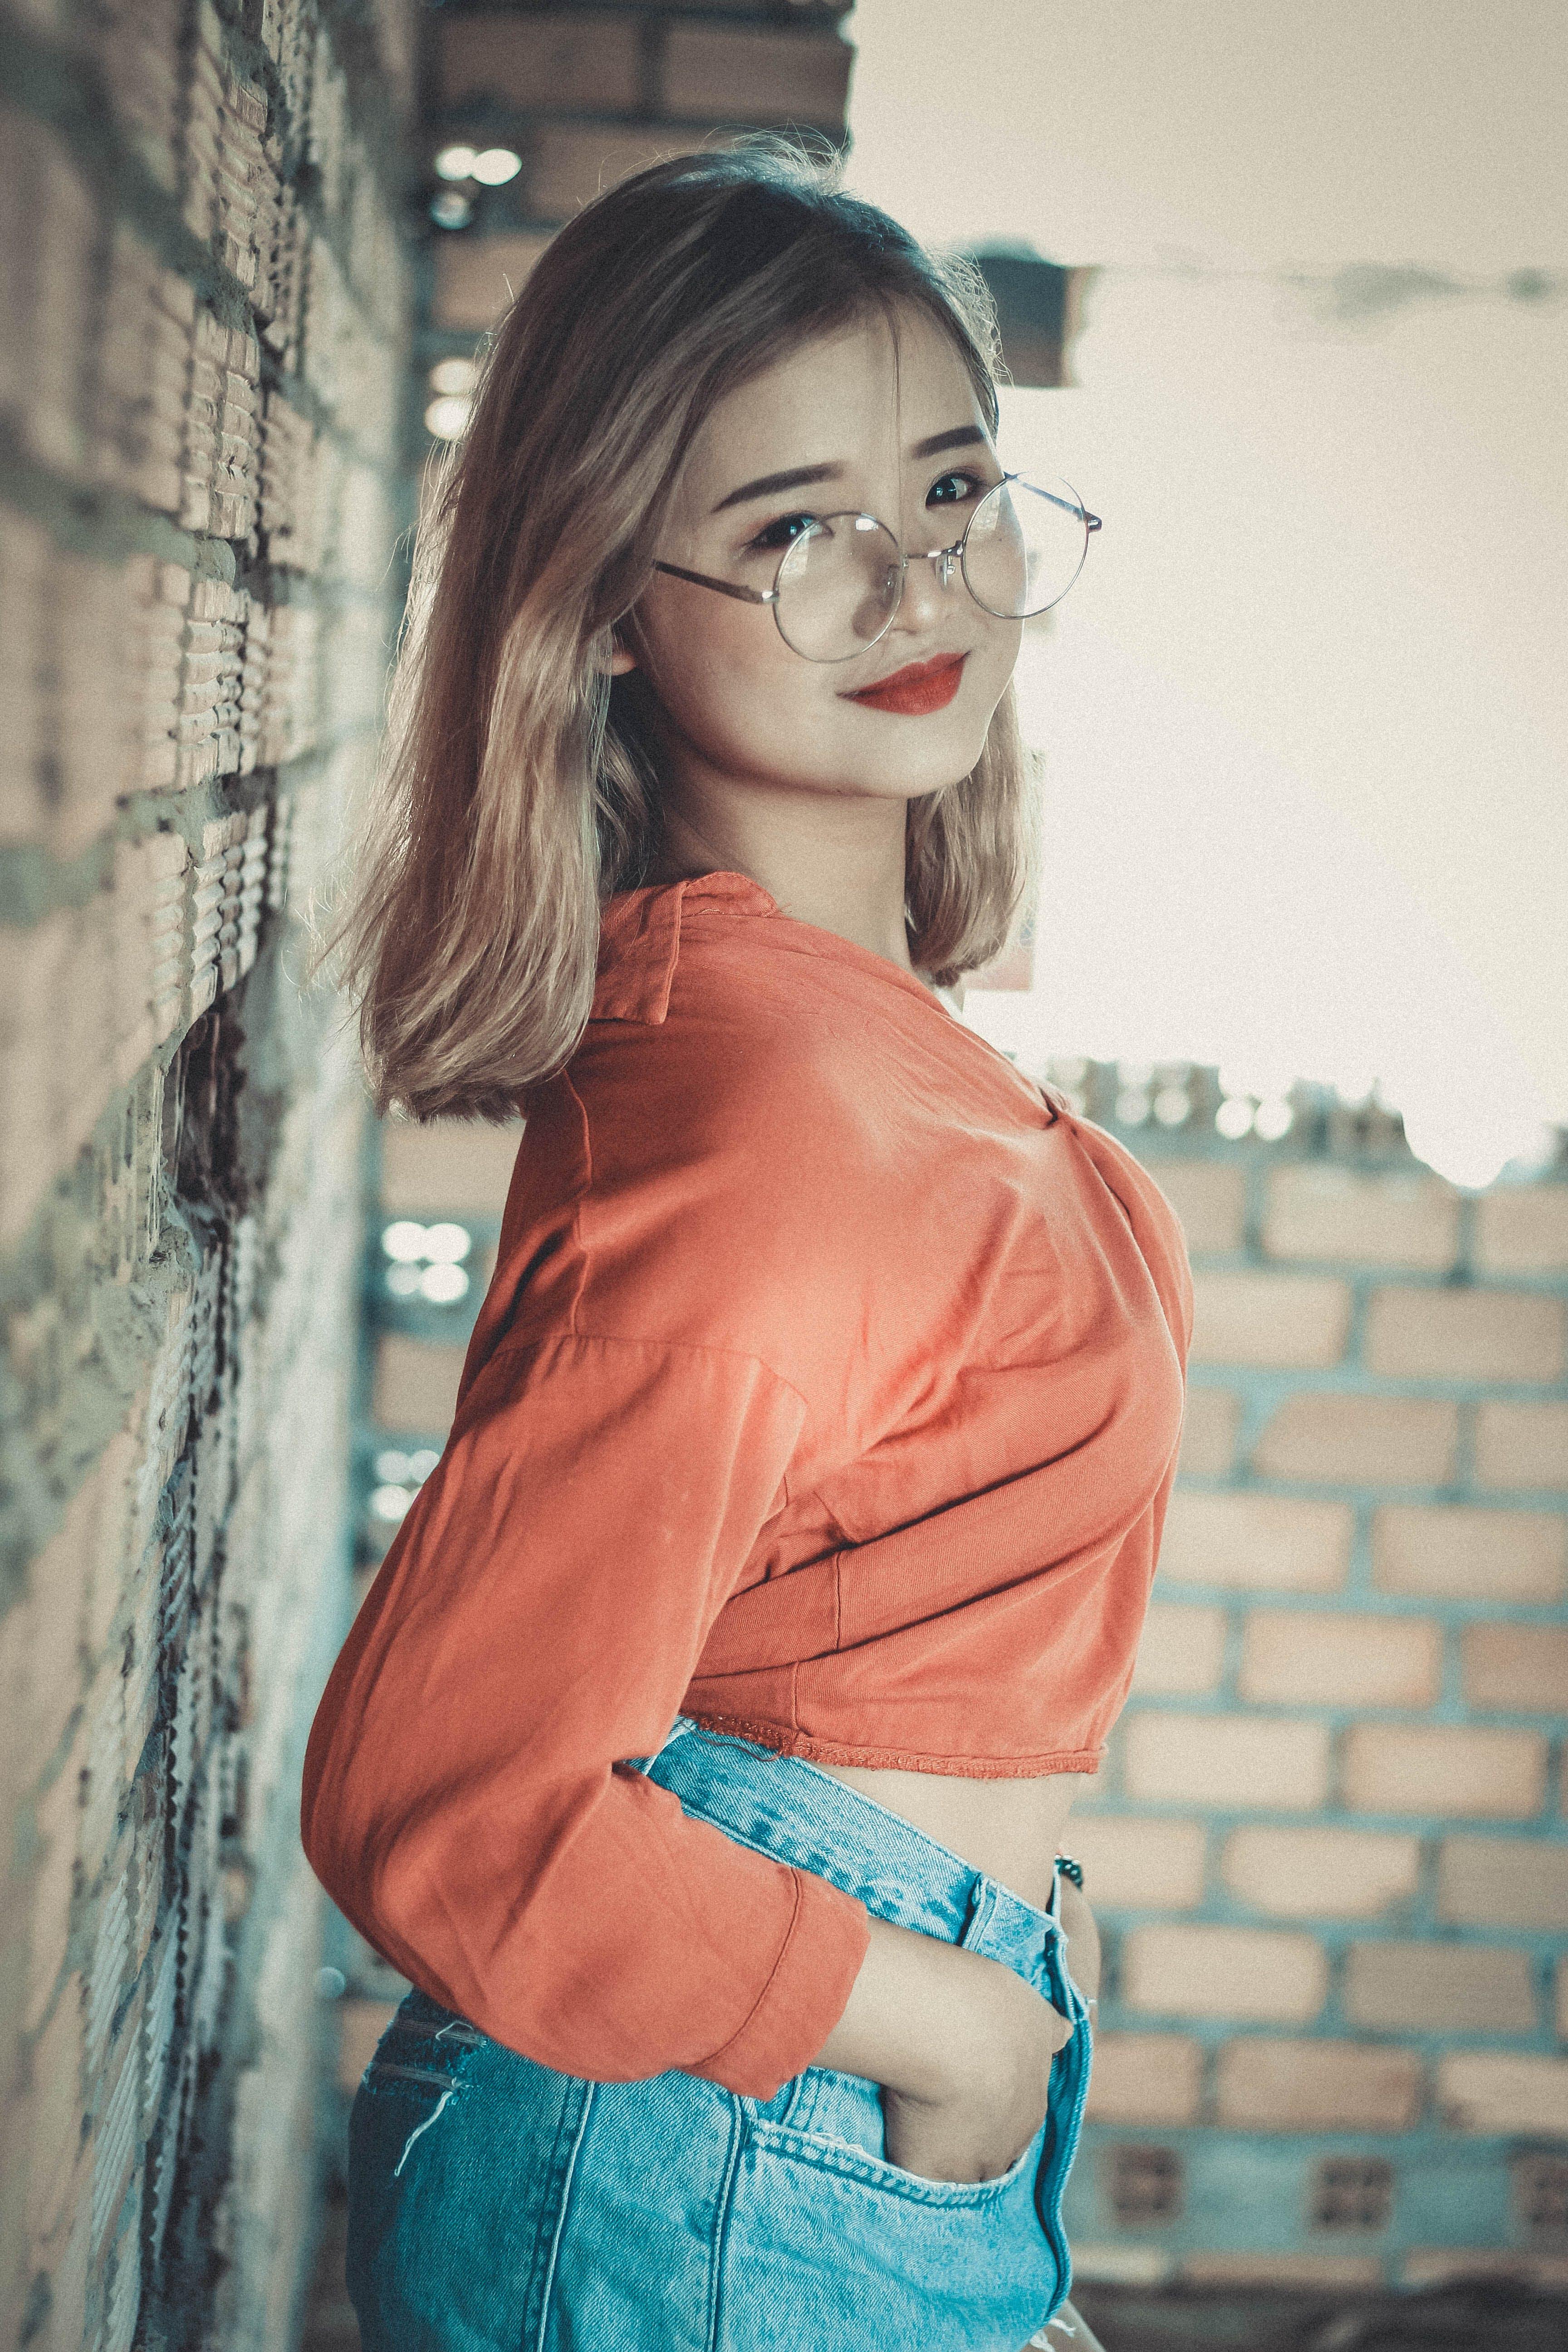 Blonde Haired Woman in Orange Long-sleeved Crop Top Wearing Round Gray Eyeglasses